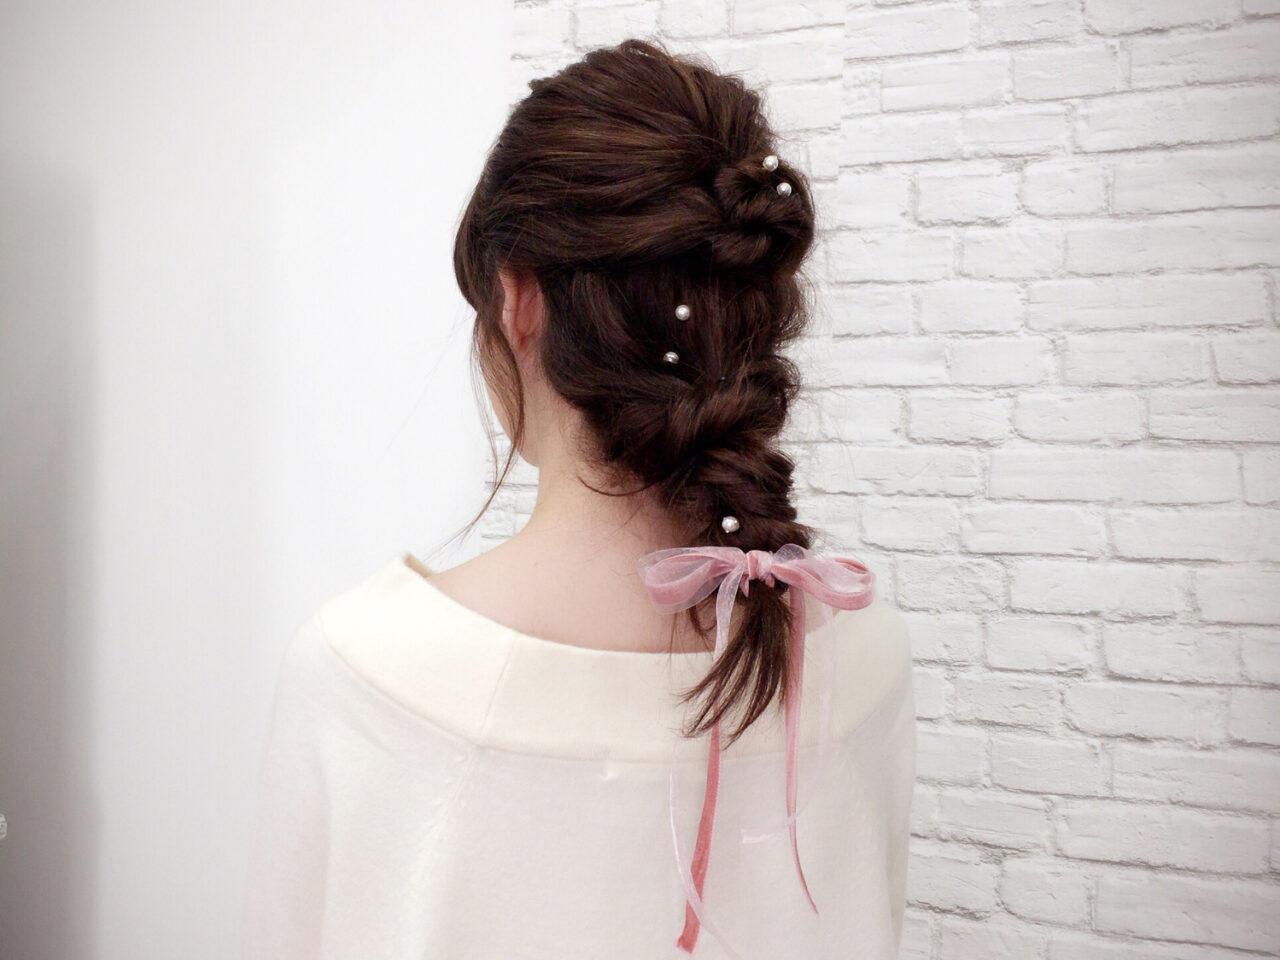 女性の後ろ姿、髪の毛を三つ編みにしリボンで先端を結んでいる